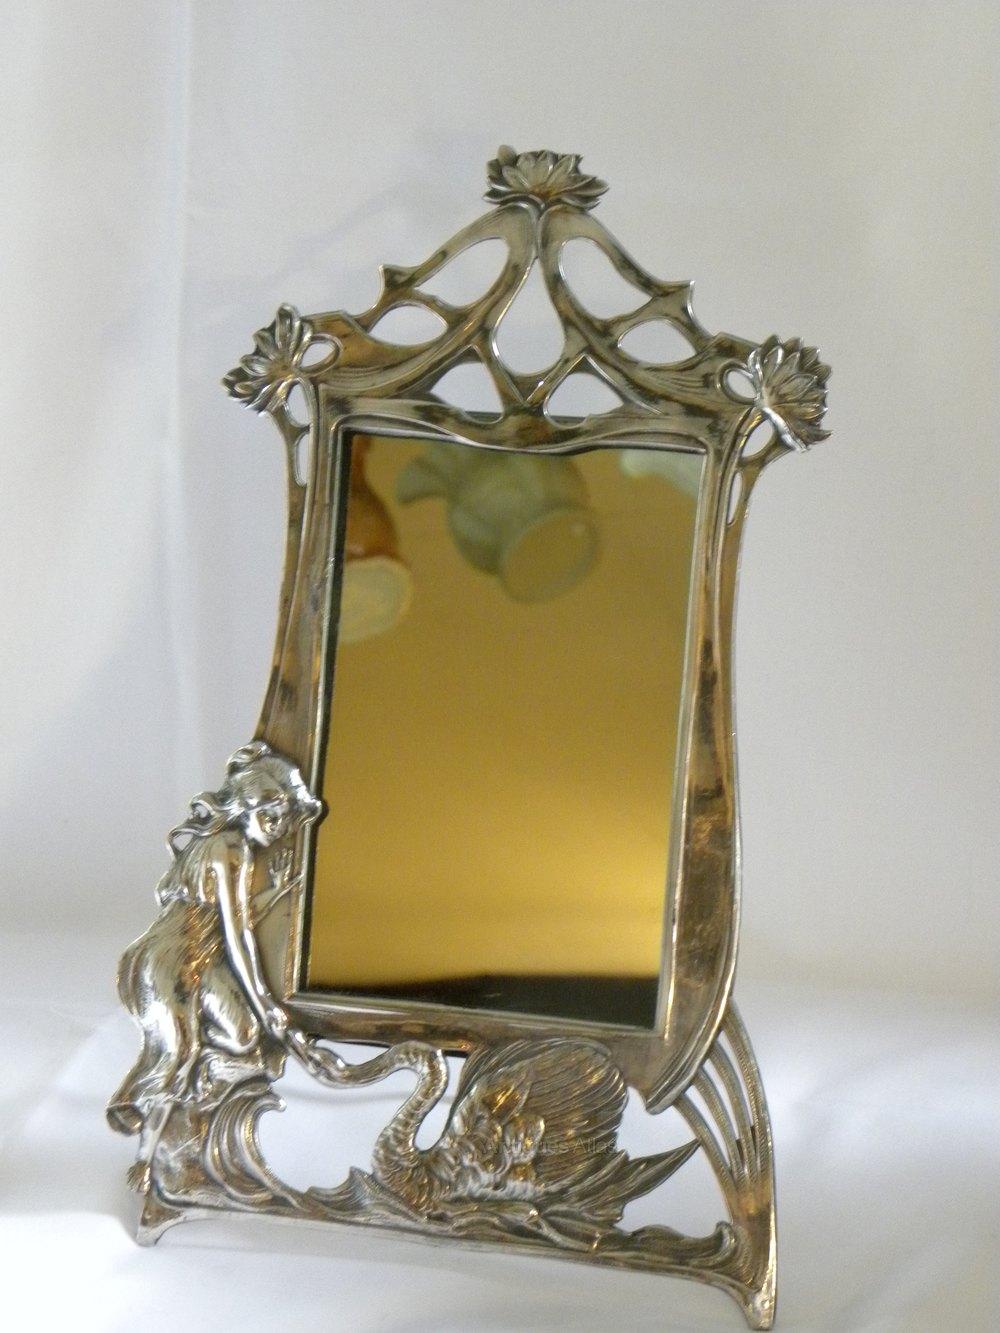 Antiques Atlas - French Art Nouveau Table Mirror